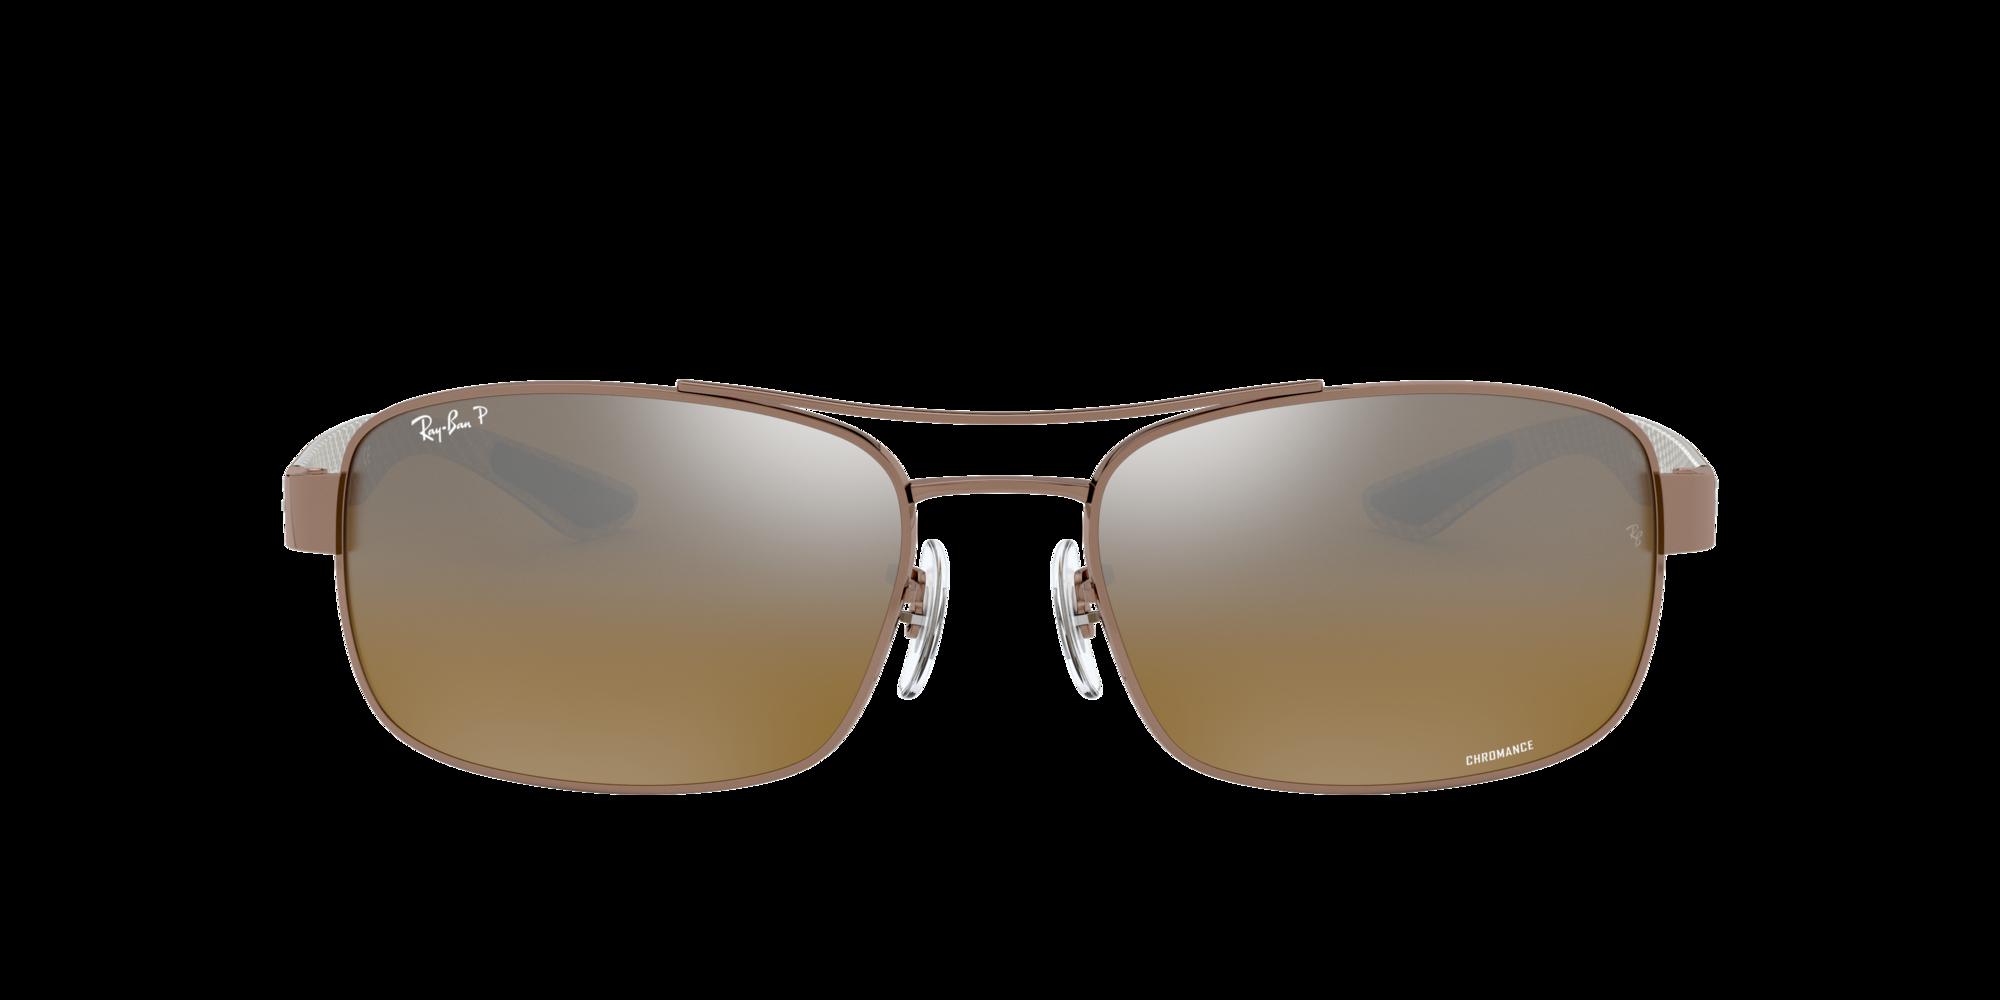 Imagen para RB8318CH 62 de LensCrafters |  Espejuelos, espejuelos graduados en línea, gafas